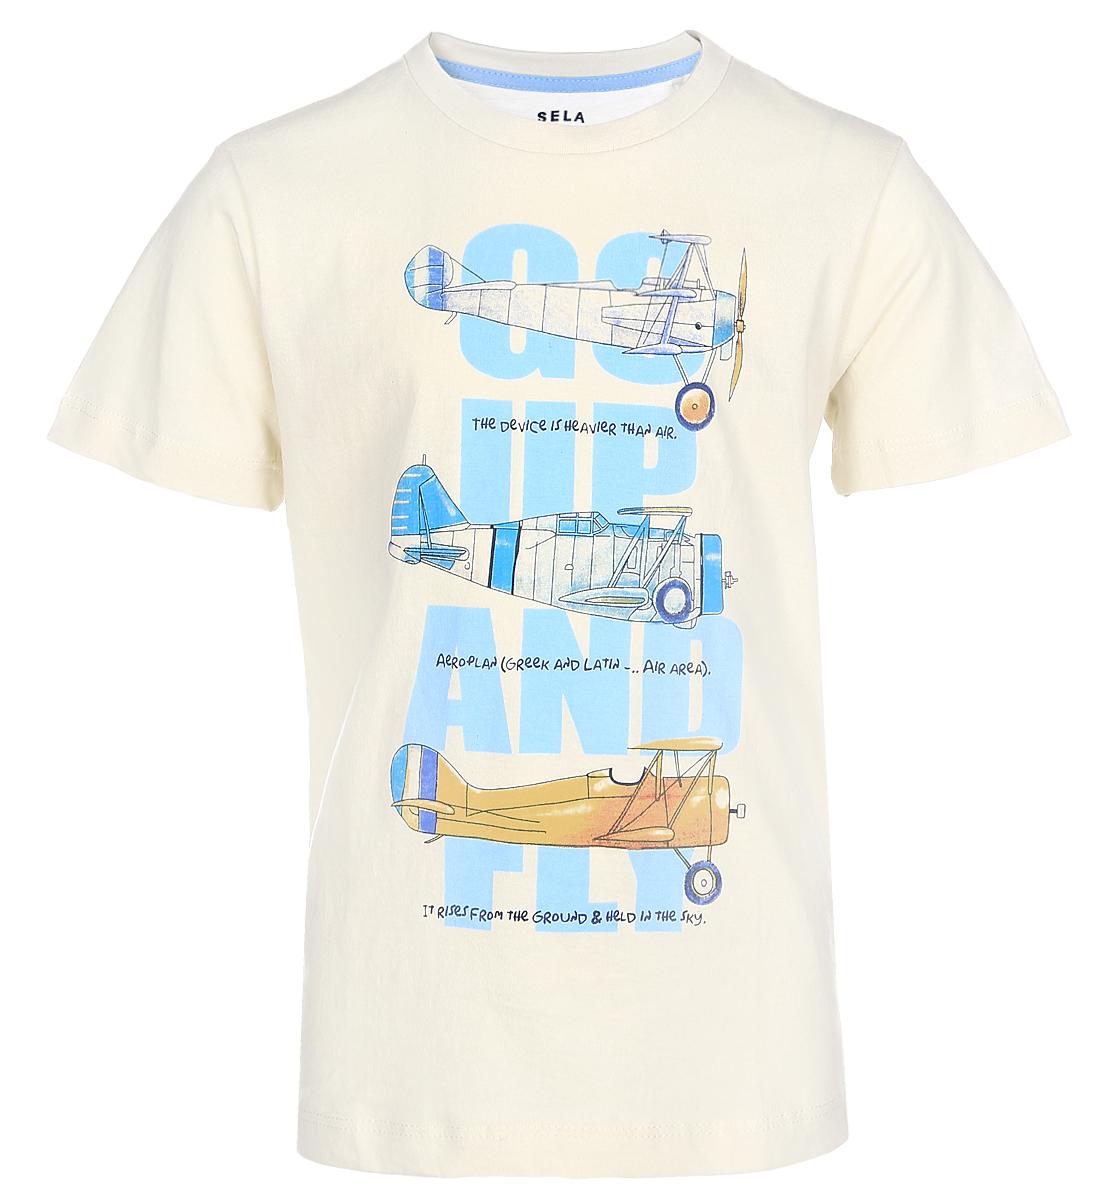 ФутболкаTs-711/193-7112Стильная футболка для мальчика Sela изготовлена из натурального хлопка и оформлена оригинальным принтом. Воротник дополнен мягкой трикотажной резинкой. Яркий цвет модели позволяет создавать модные образы.